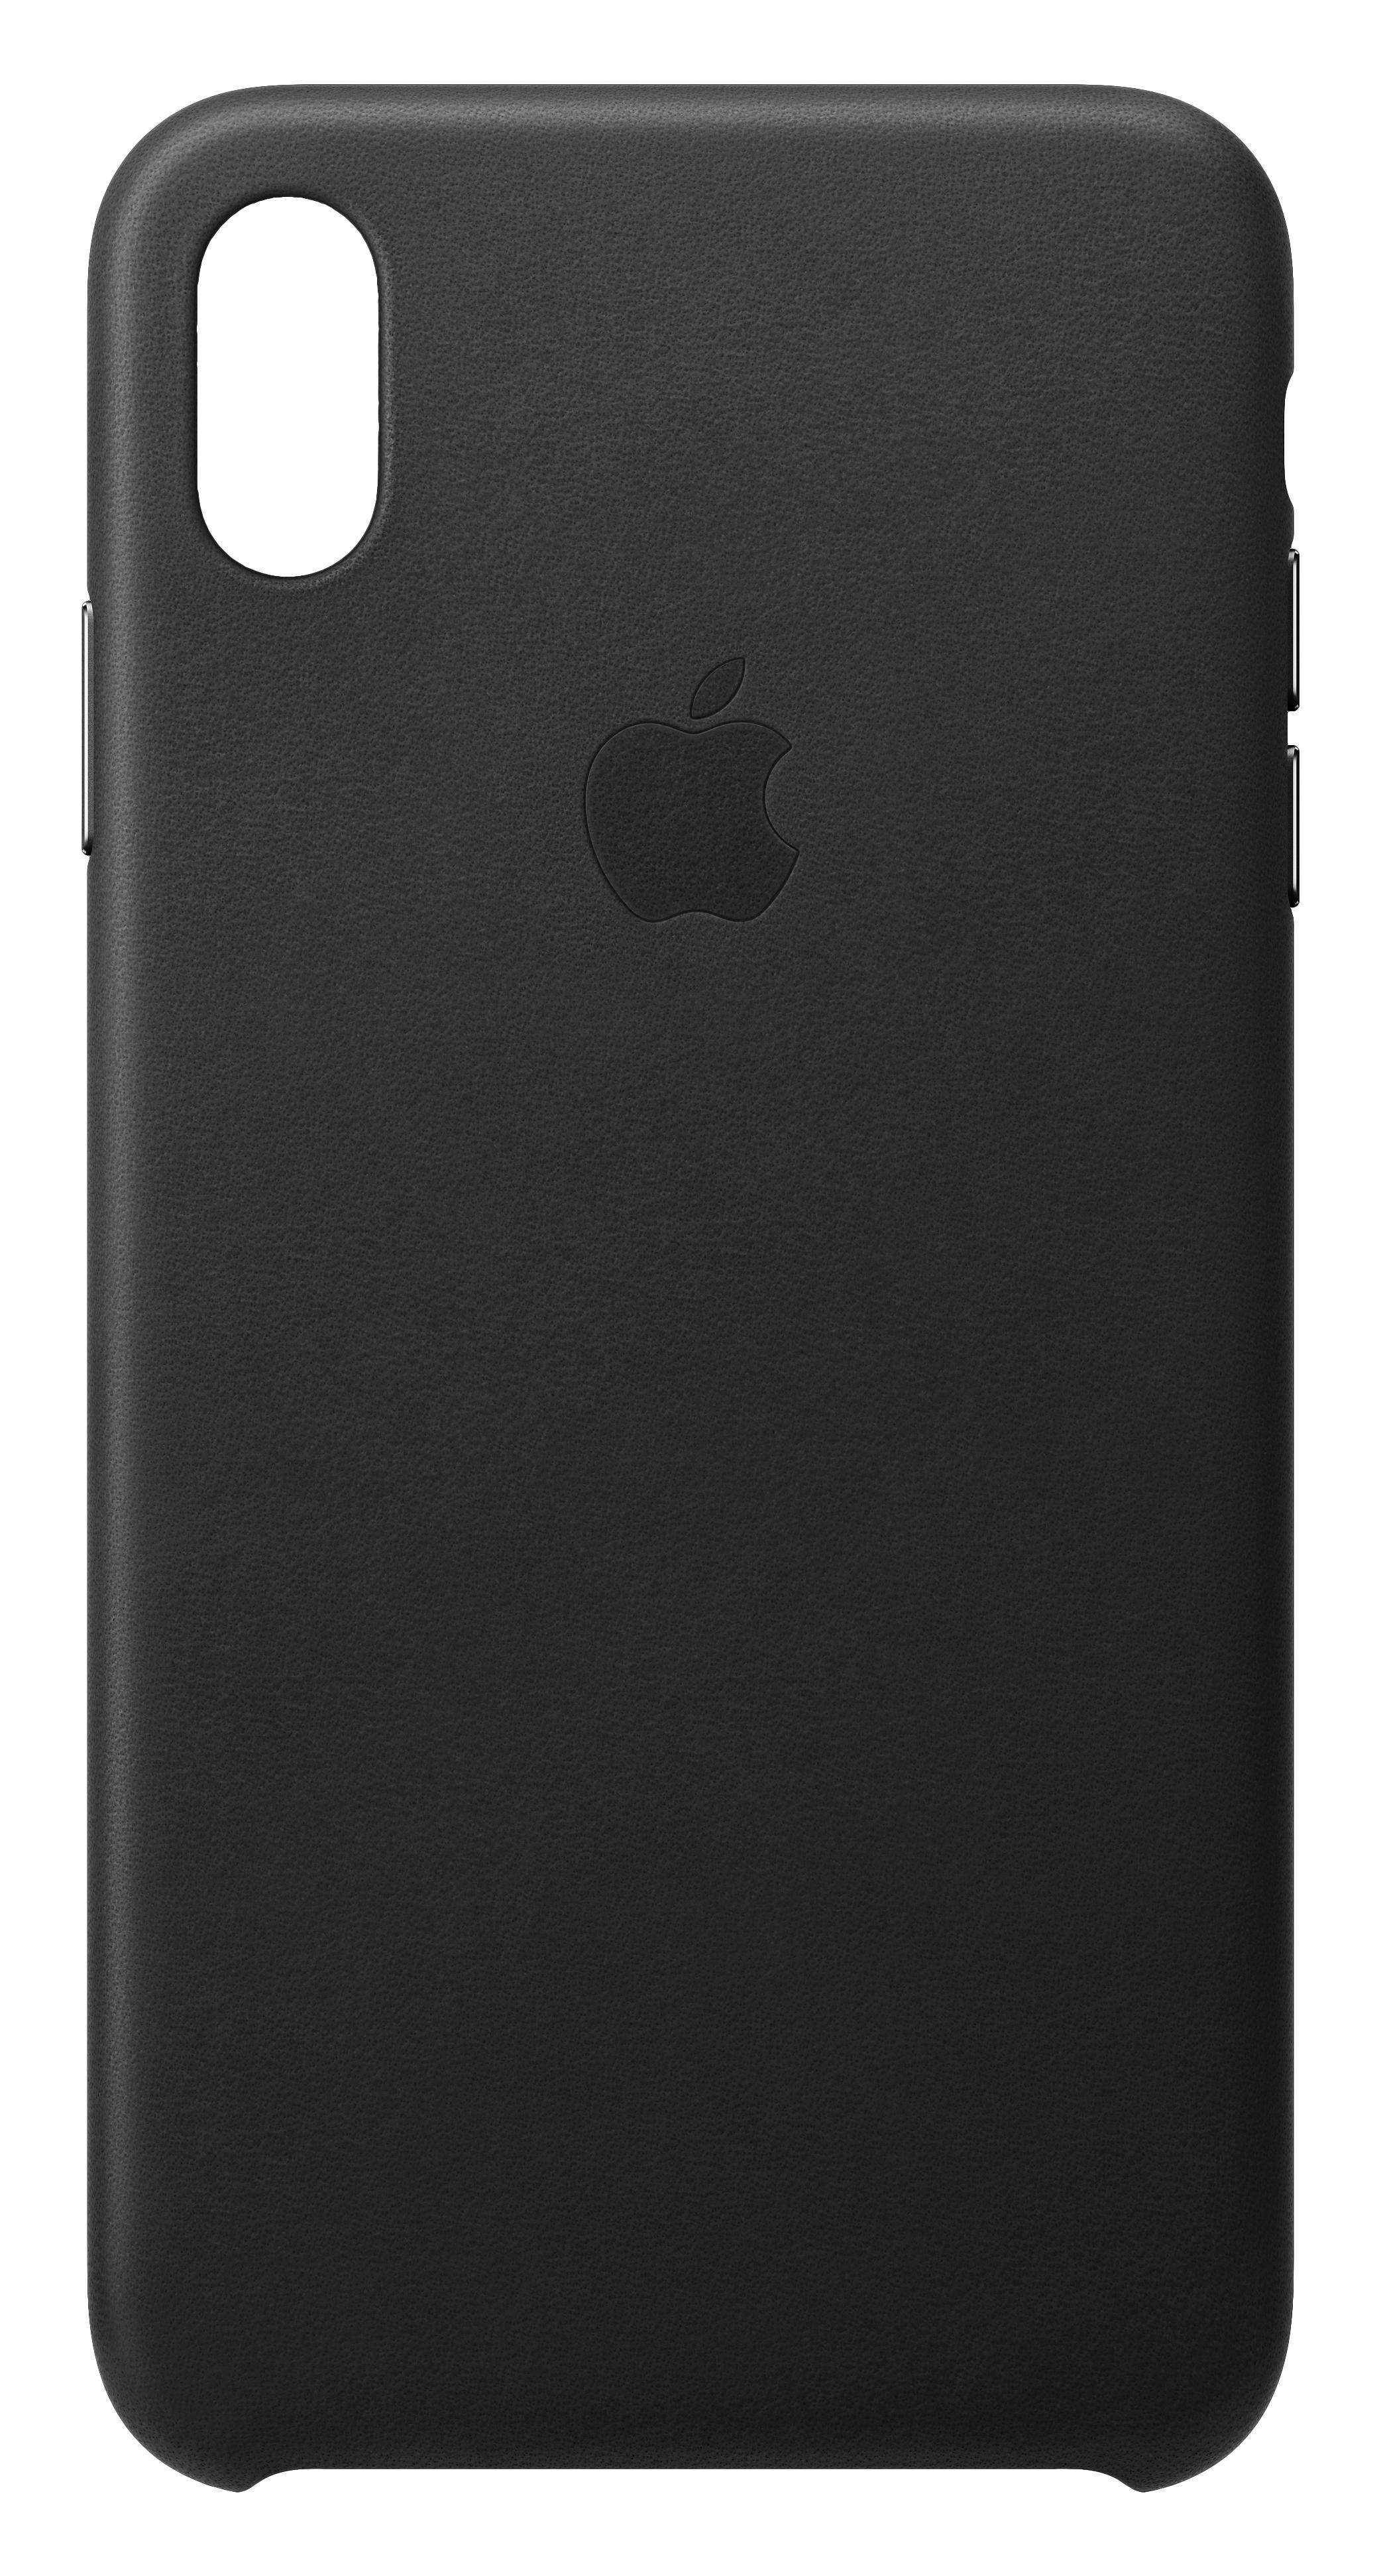 """APPLE MRWT2ZM/A coque de protection pour téléphones portables 16,5 cm (6.5"""") Housse Noir"""